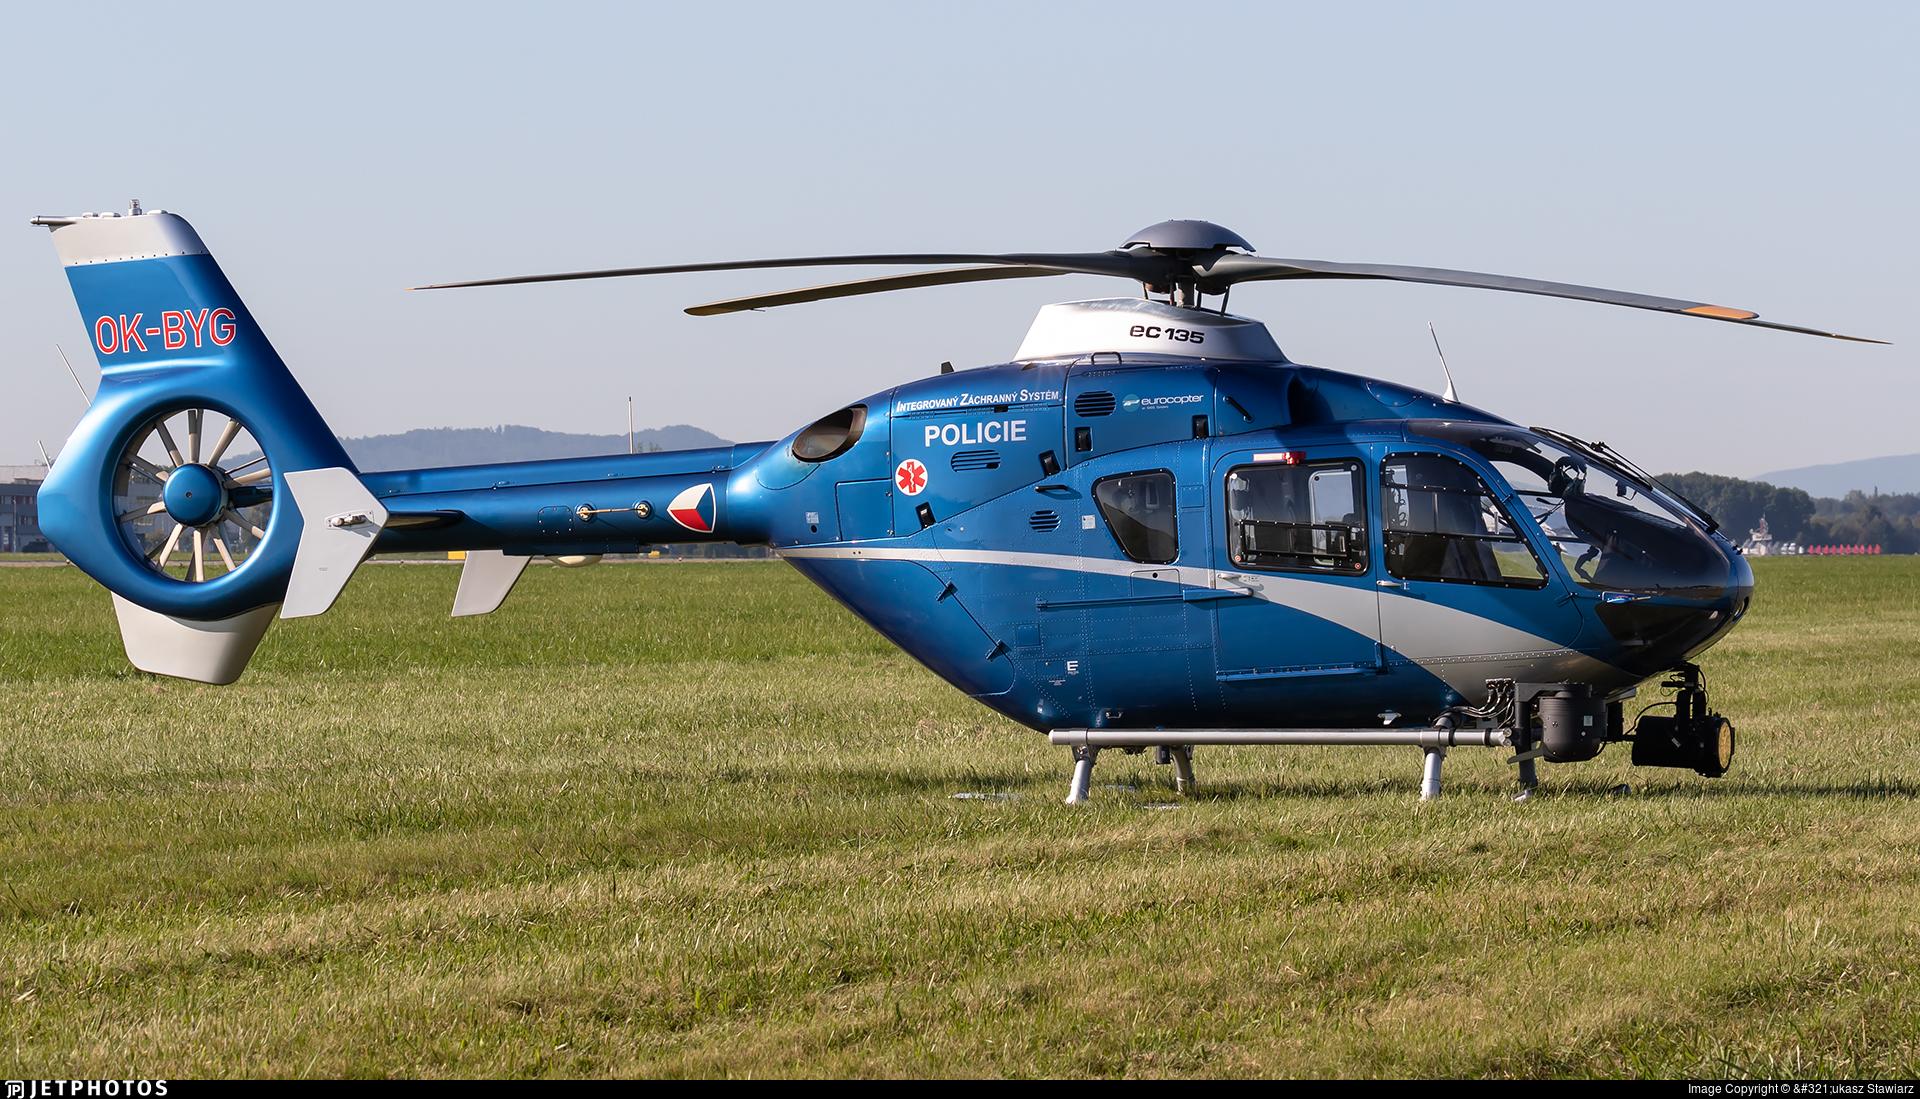 OK-BYG - Eurocopter EC 135T2+ - Czech Republic - Police